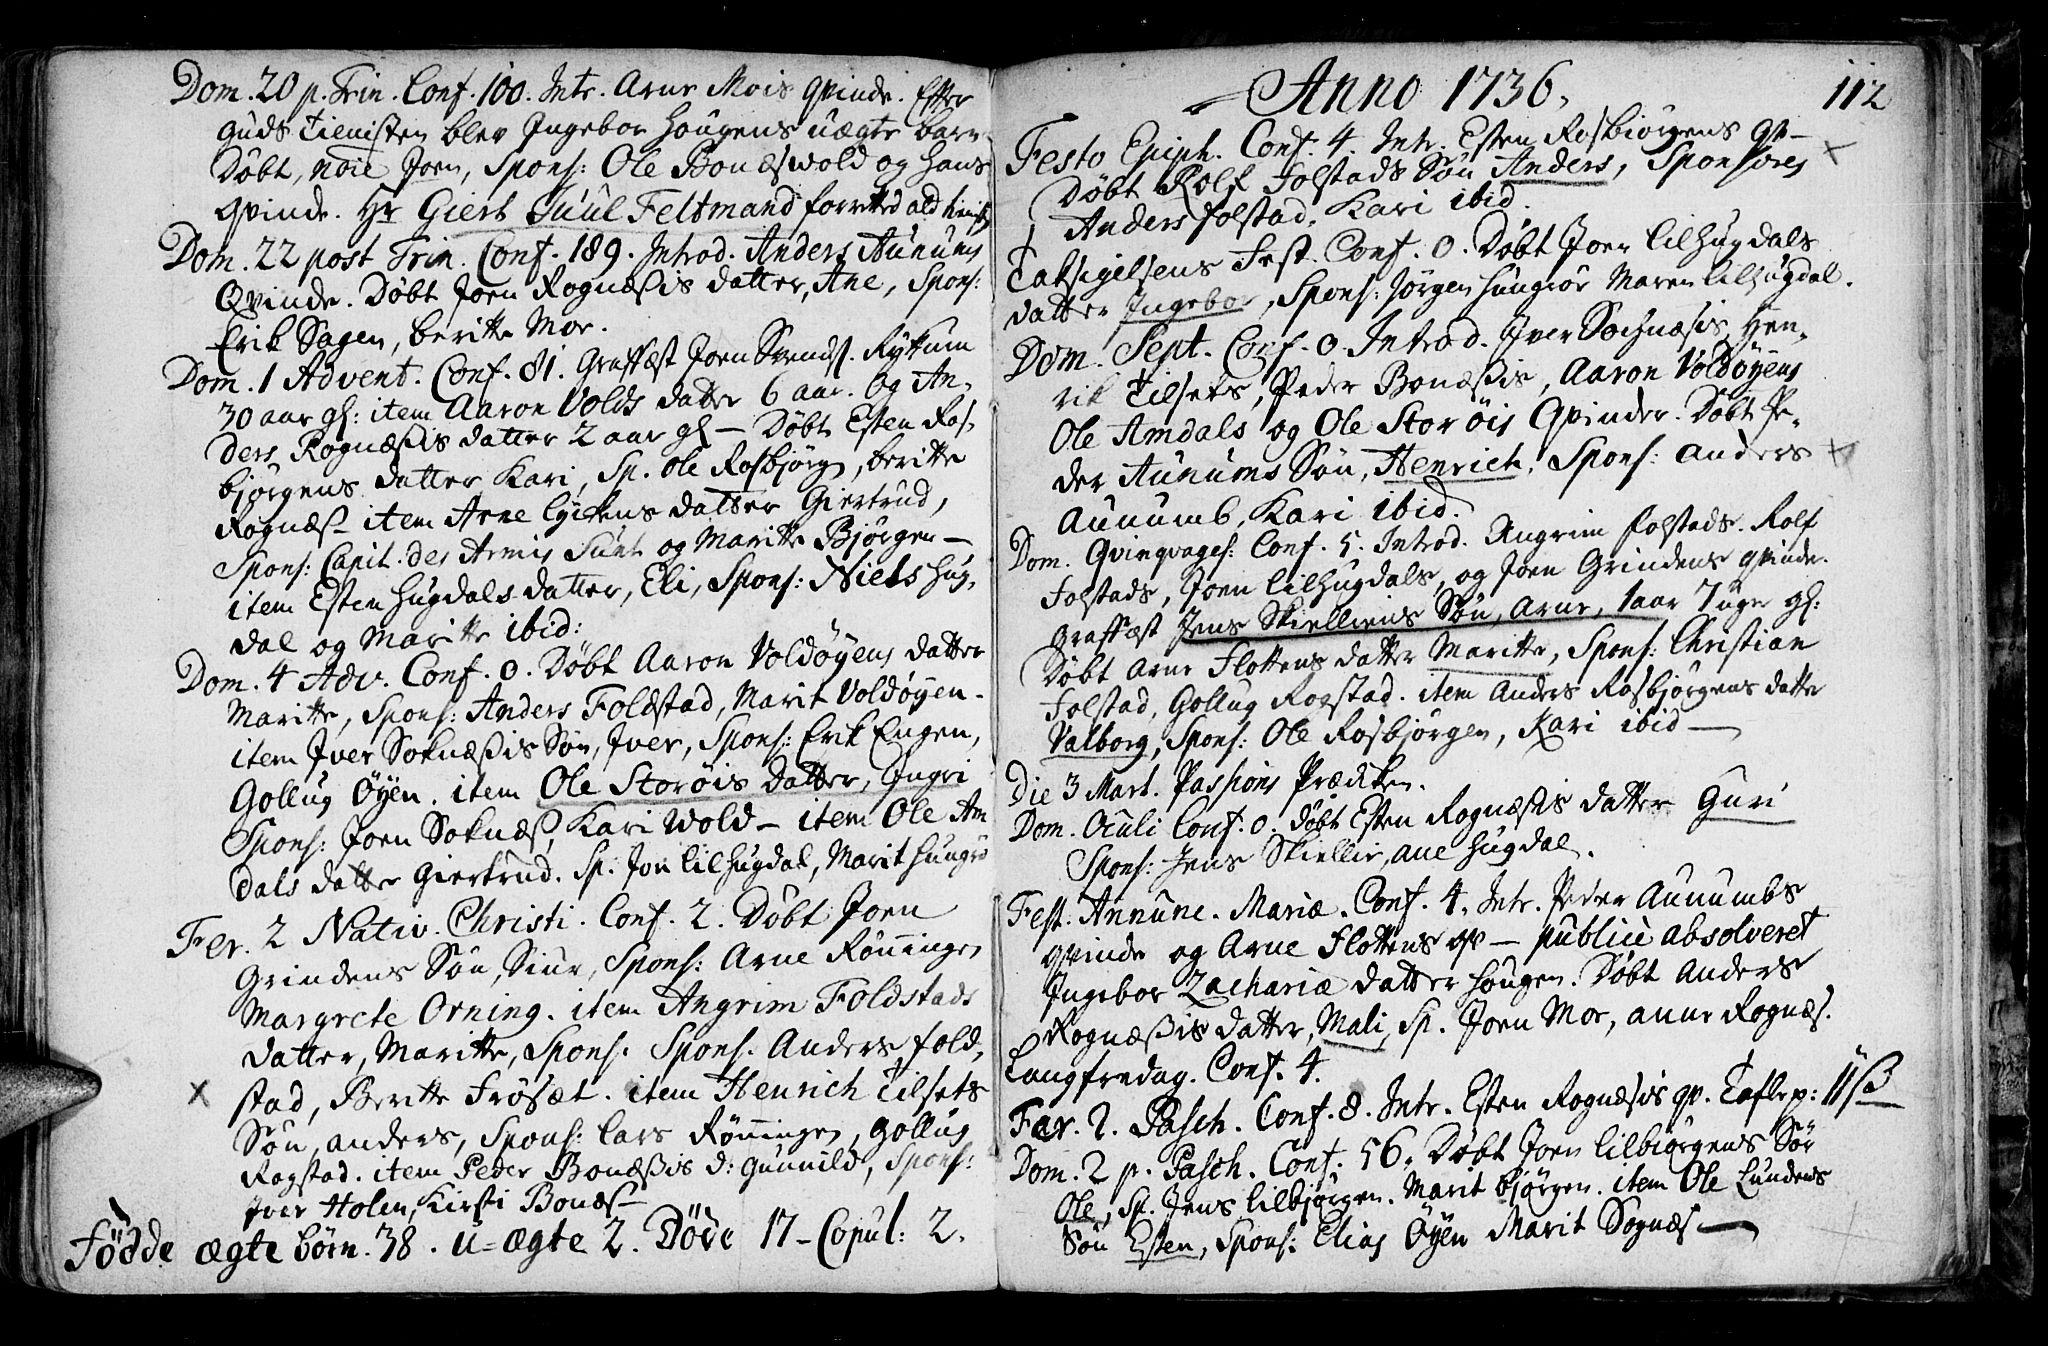 SAT, Ministerialprotokoller, klokkerbøker og fødselsregistre - Sør-Trøndelag, 687/L0990: Ministerialbok nr. 687A01, 1690-1746, s. 112